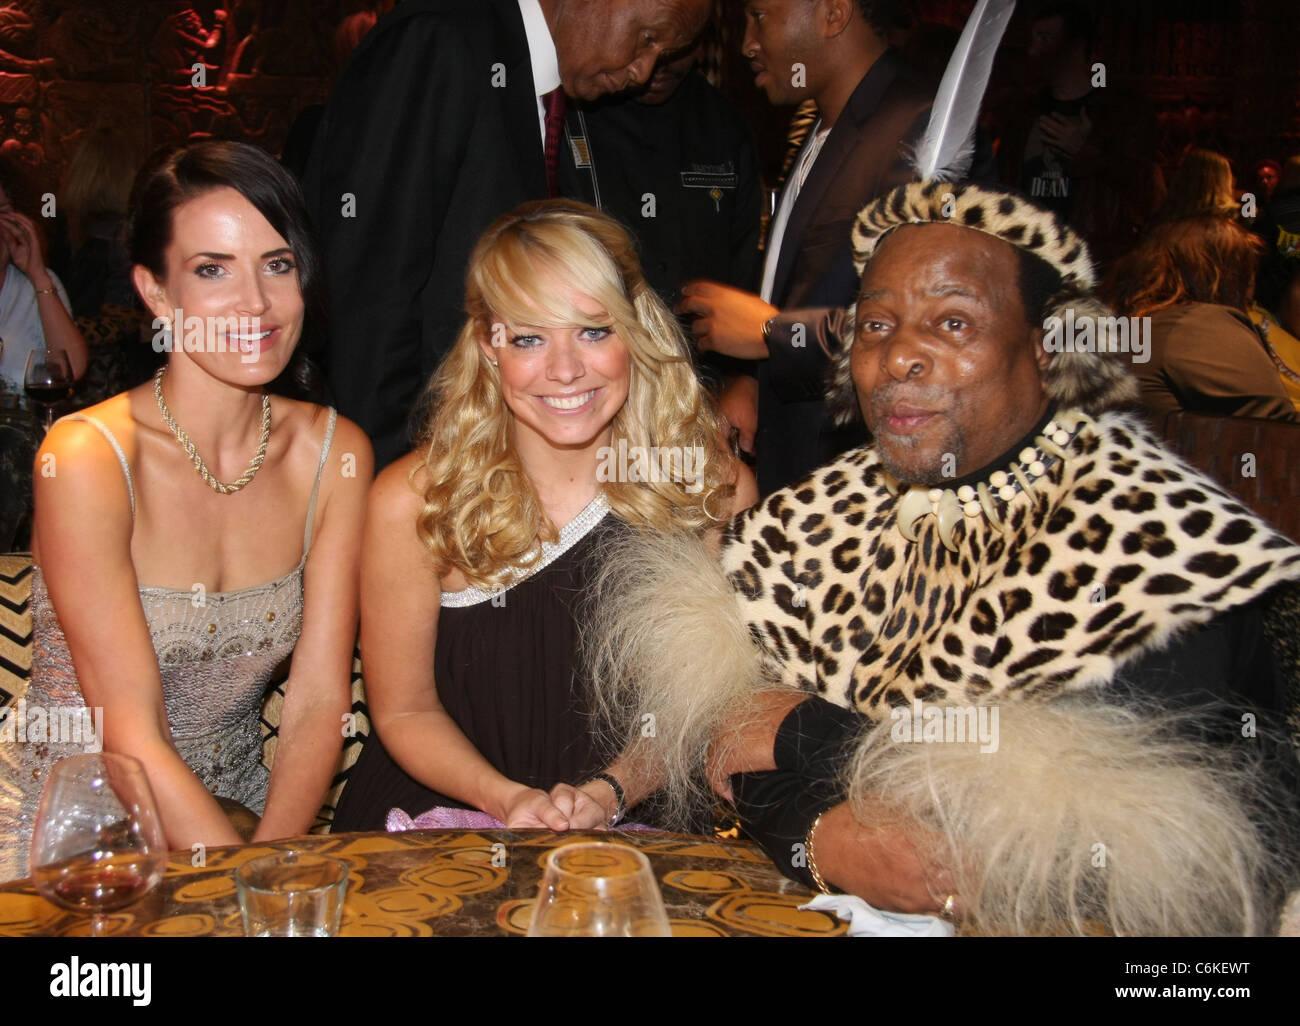 Goodwill Zulu King Stock Photos & Goodwill Zulu King Stock Images ...